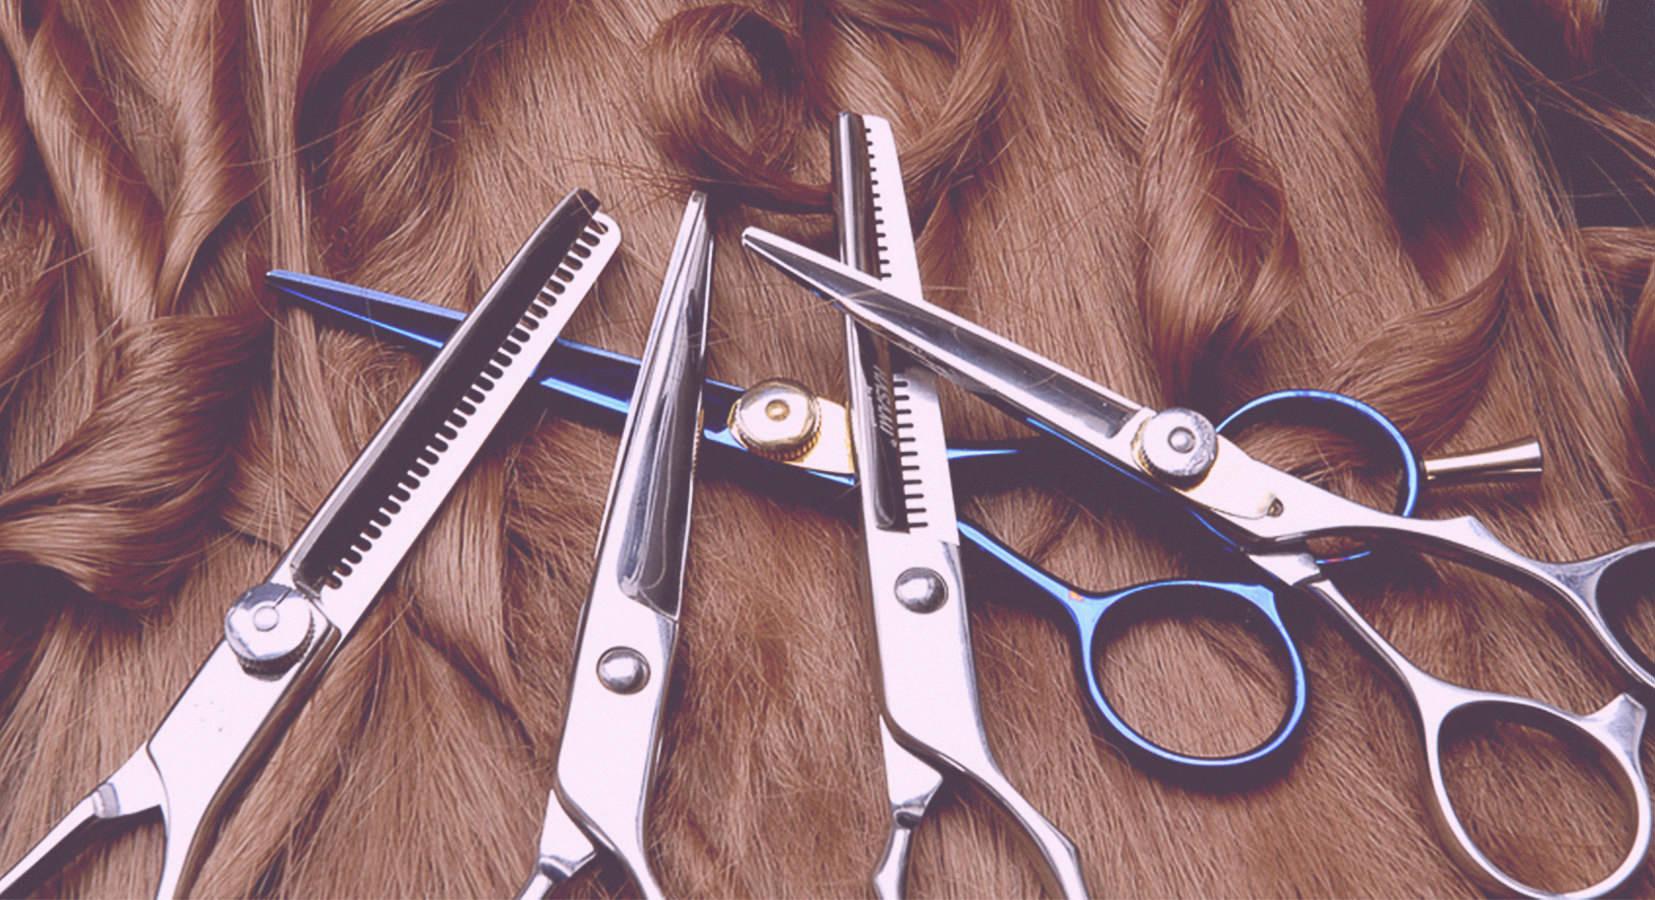 Friseur Scheeren